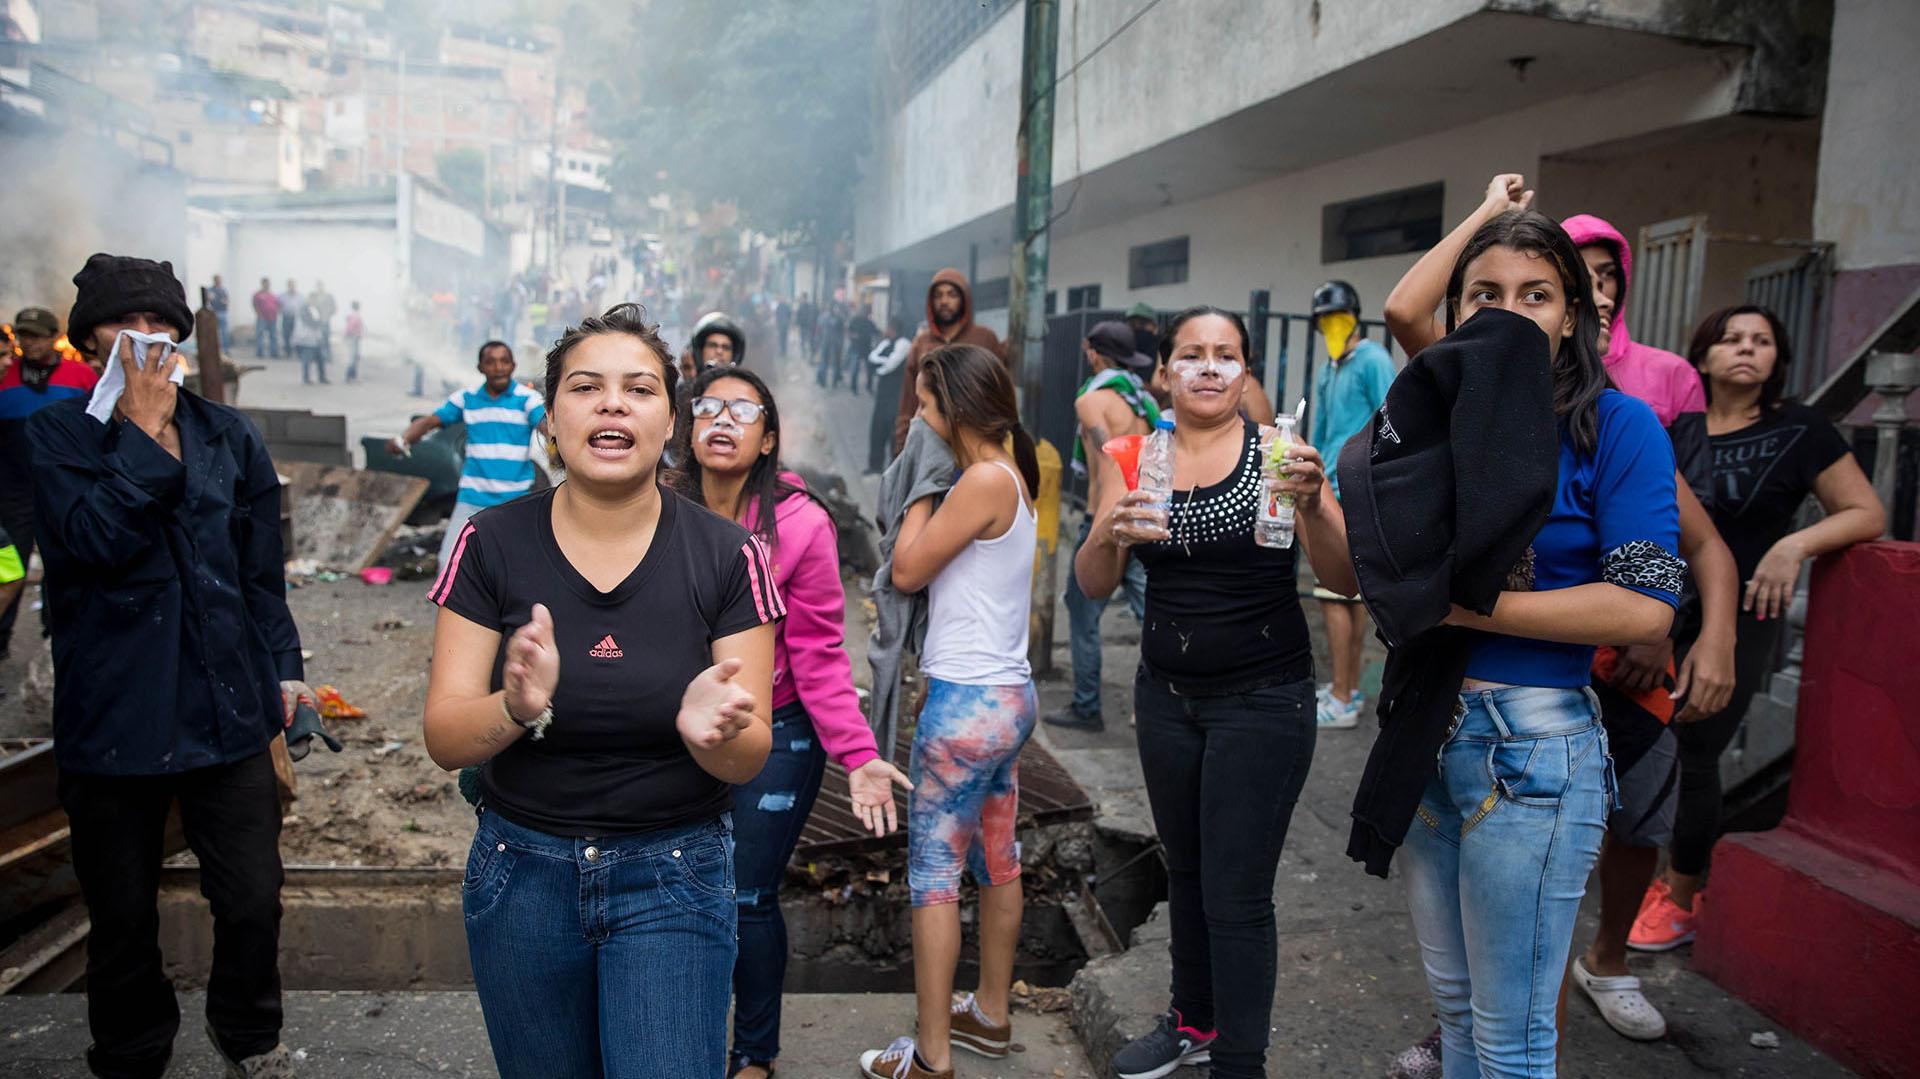 Un grupo de personas se manifiestan en una calle en las inmediaciones de un comando de la Guardia Nacional Bolivariana este lunes